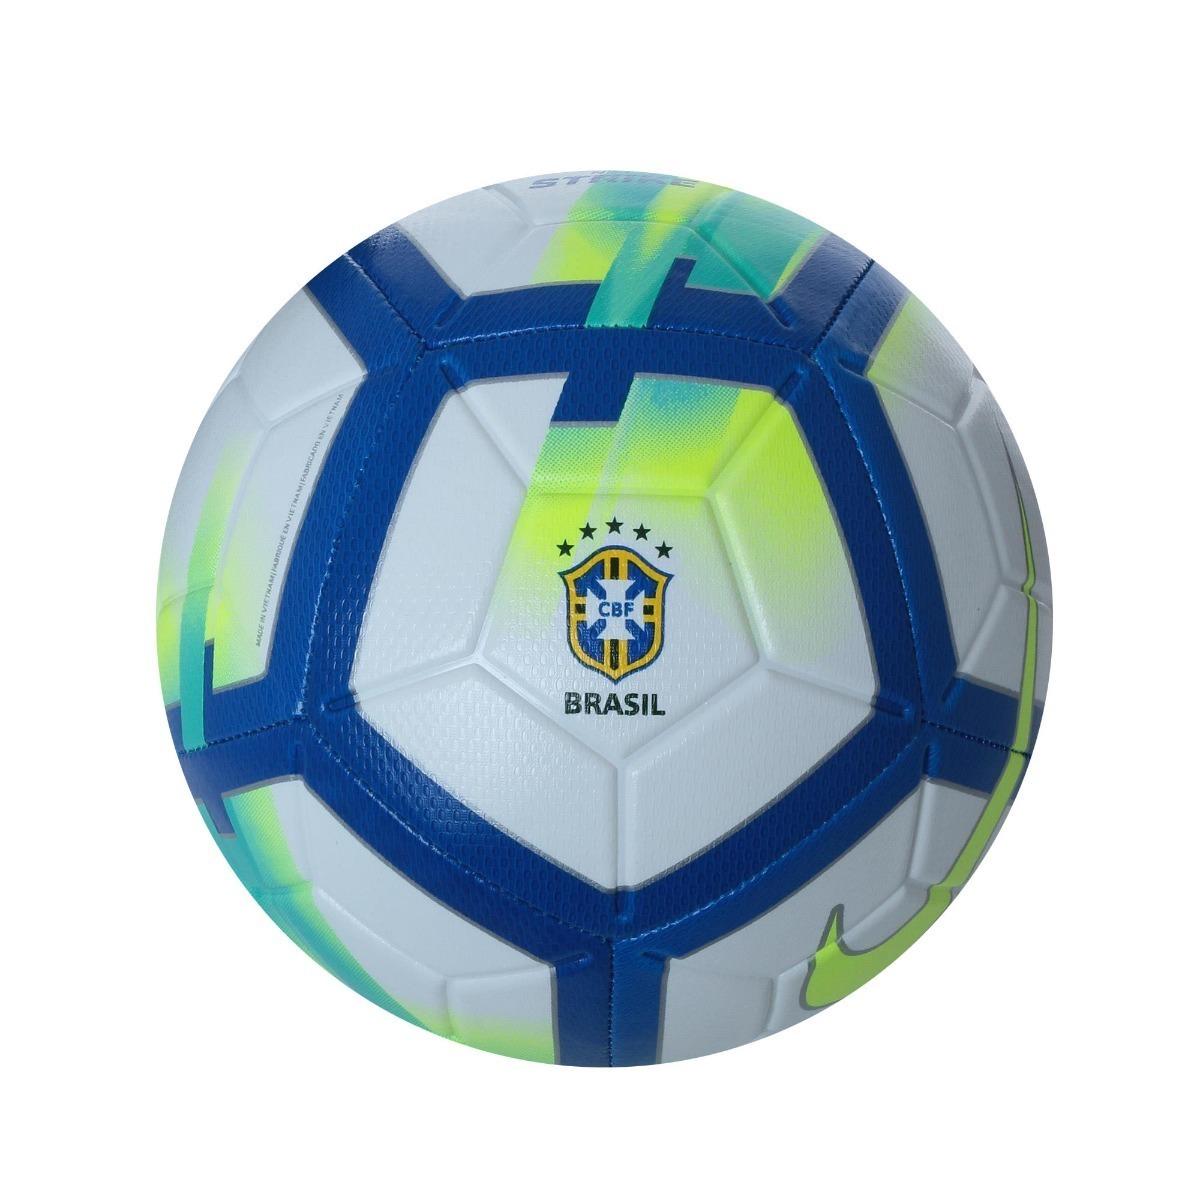 8f1be4edb3f76 bola futebol campo nike strike cbf brasileirão original. Carregando zoom.